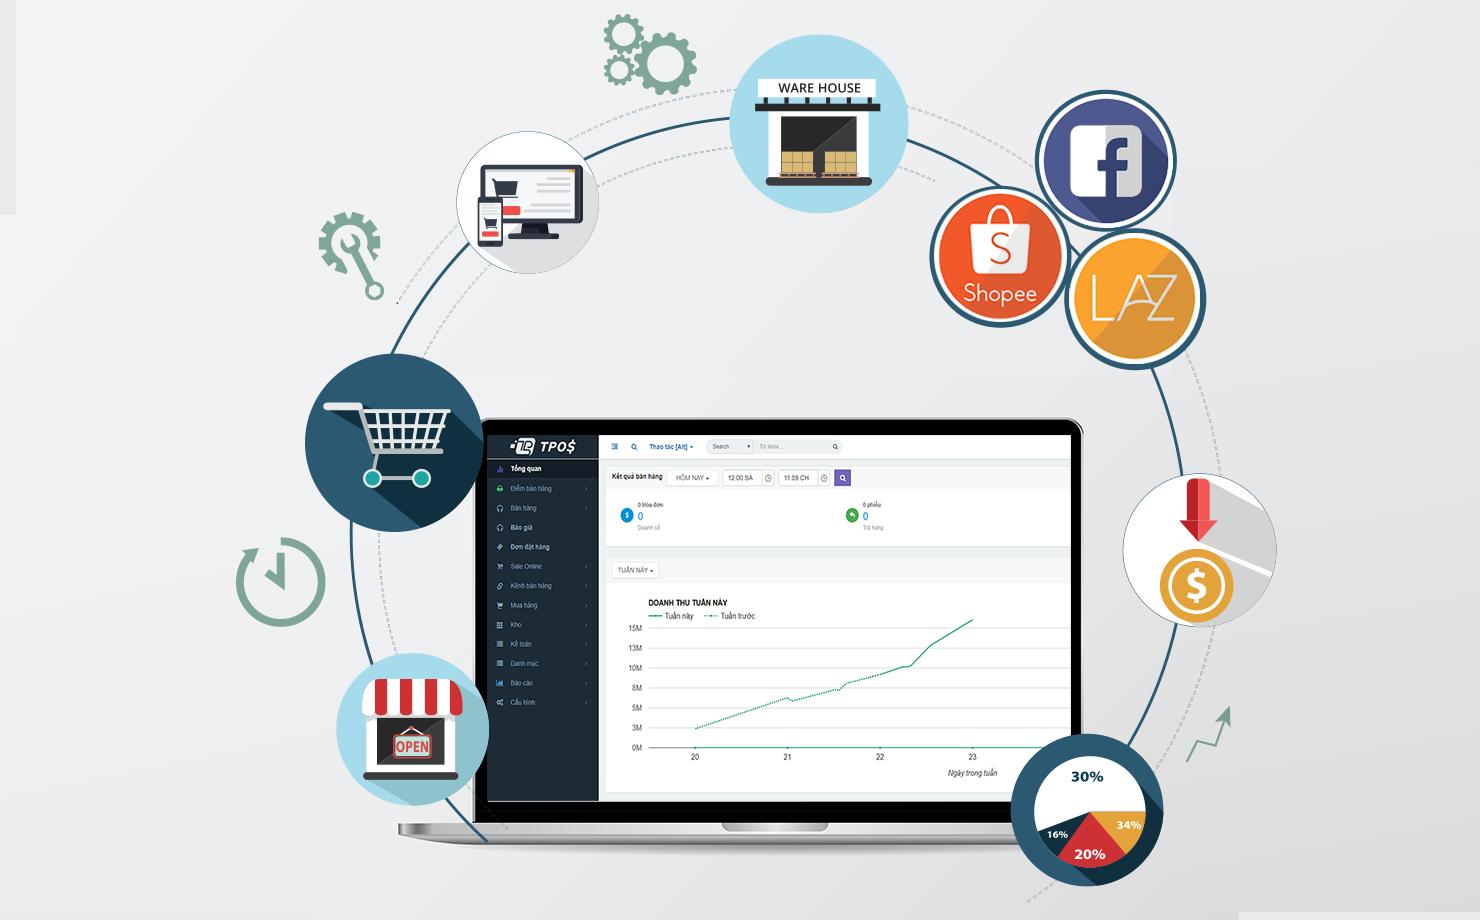 Những ưu điểm của phần mềm bán hàng miễn phí